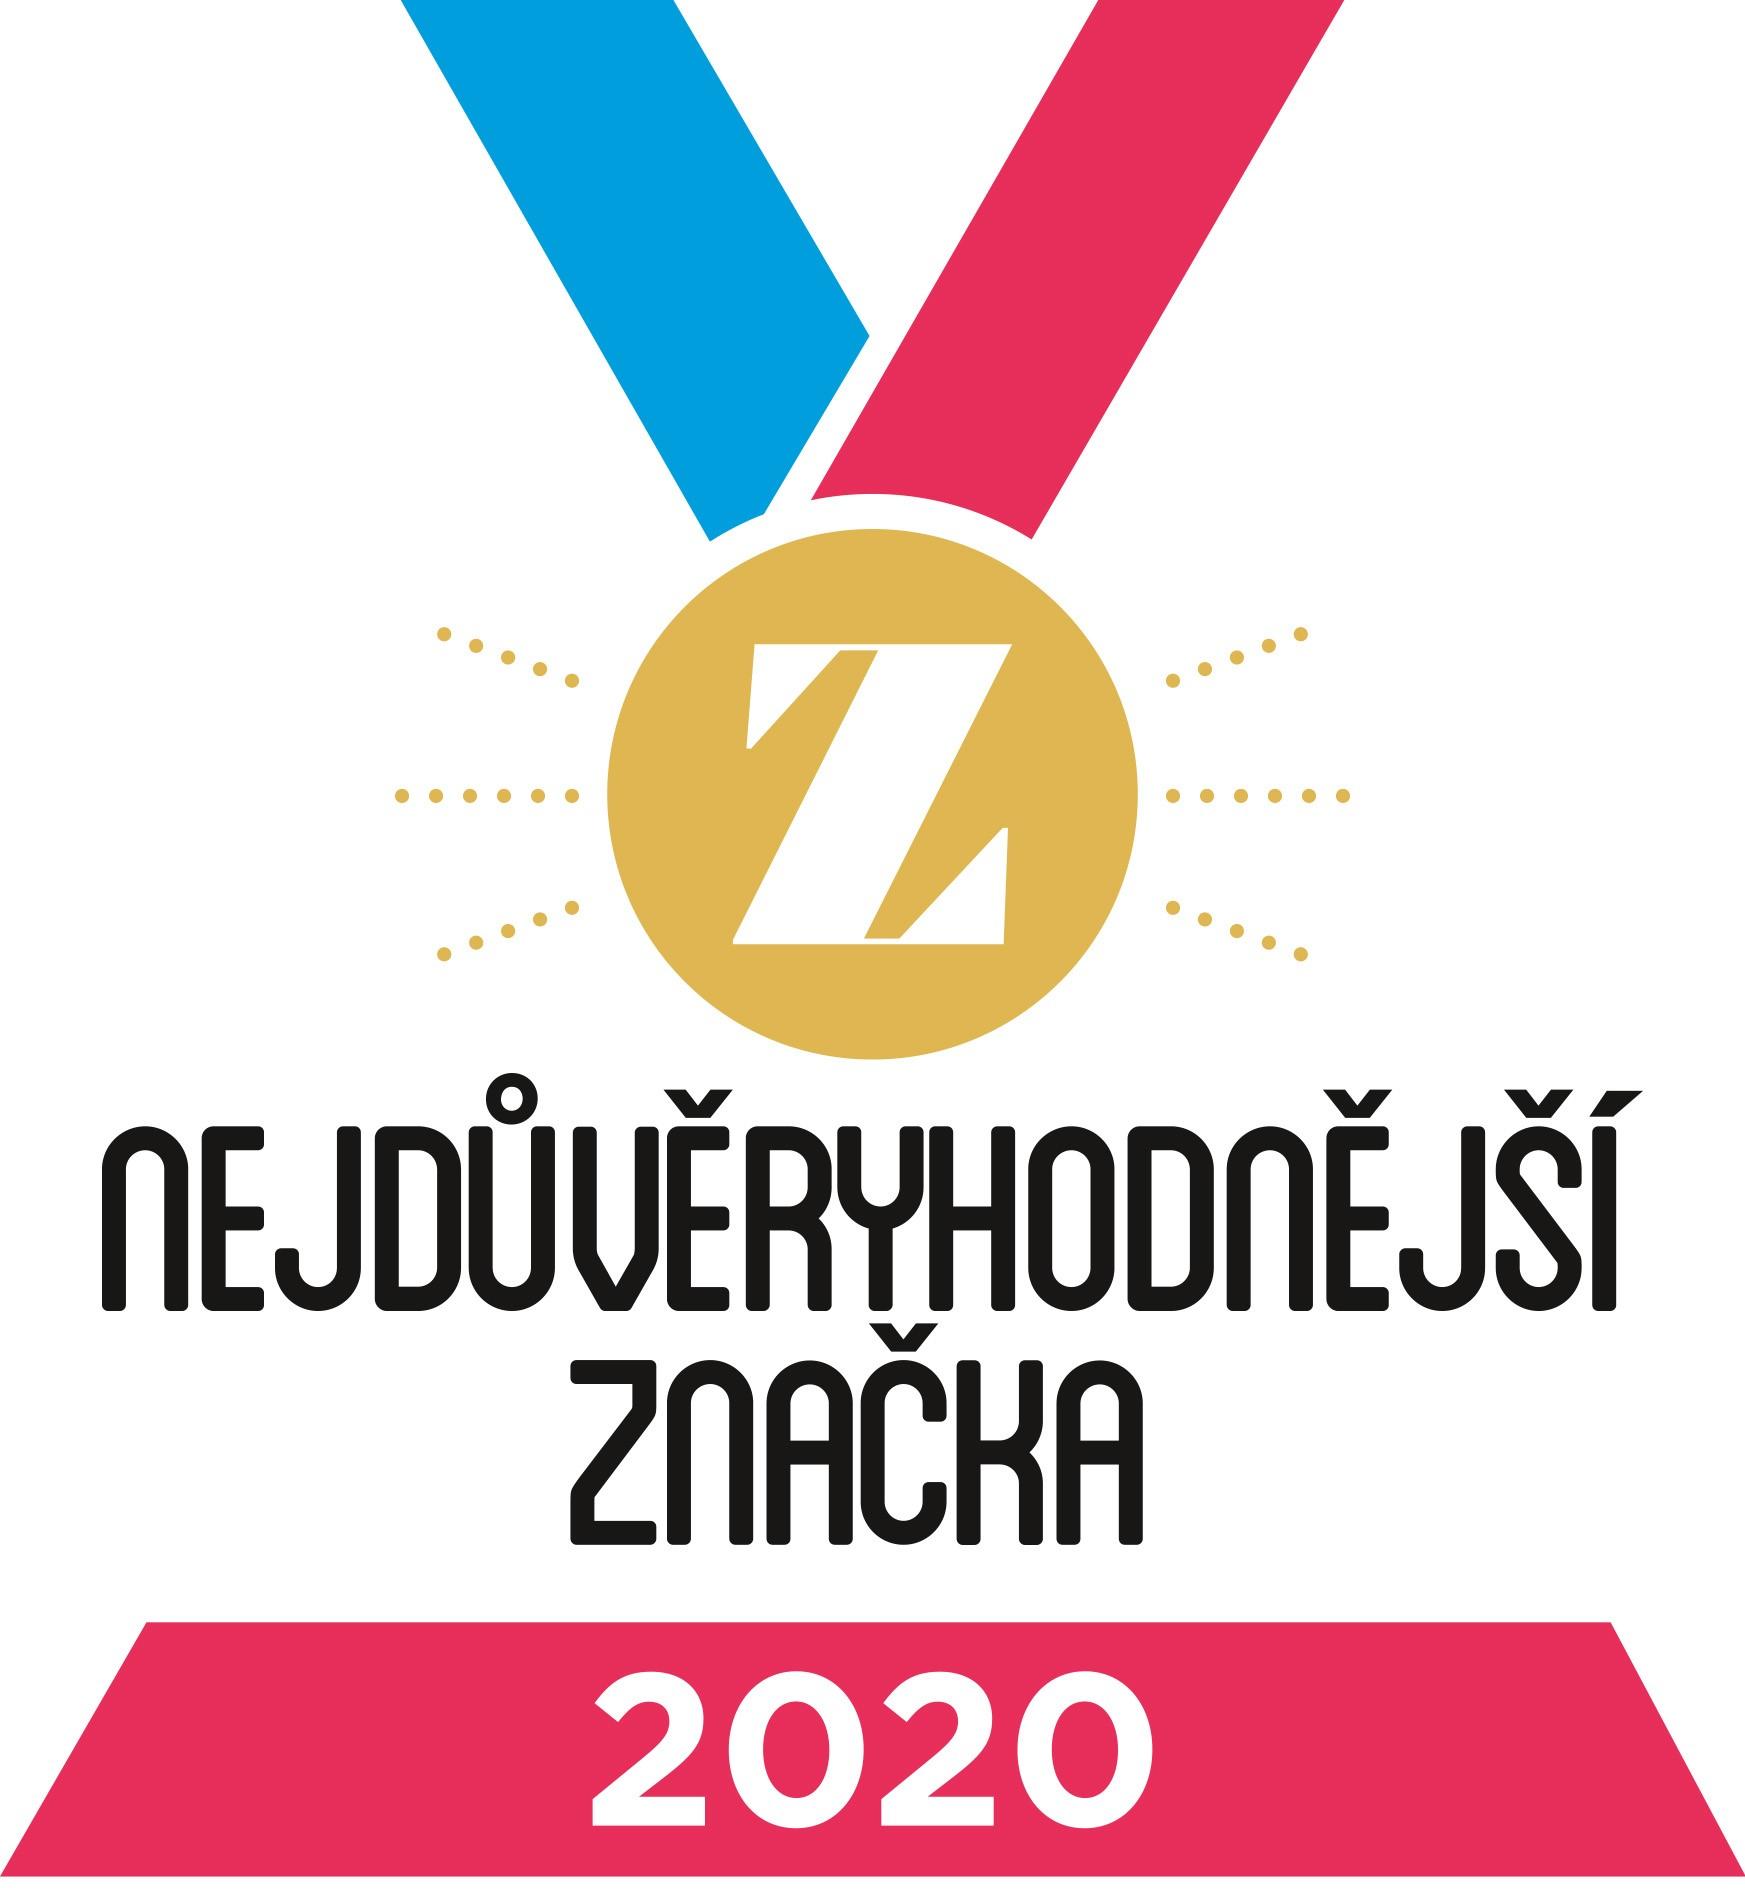 Nejdůvěryhodnější značka 2020